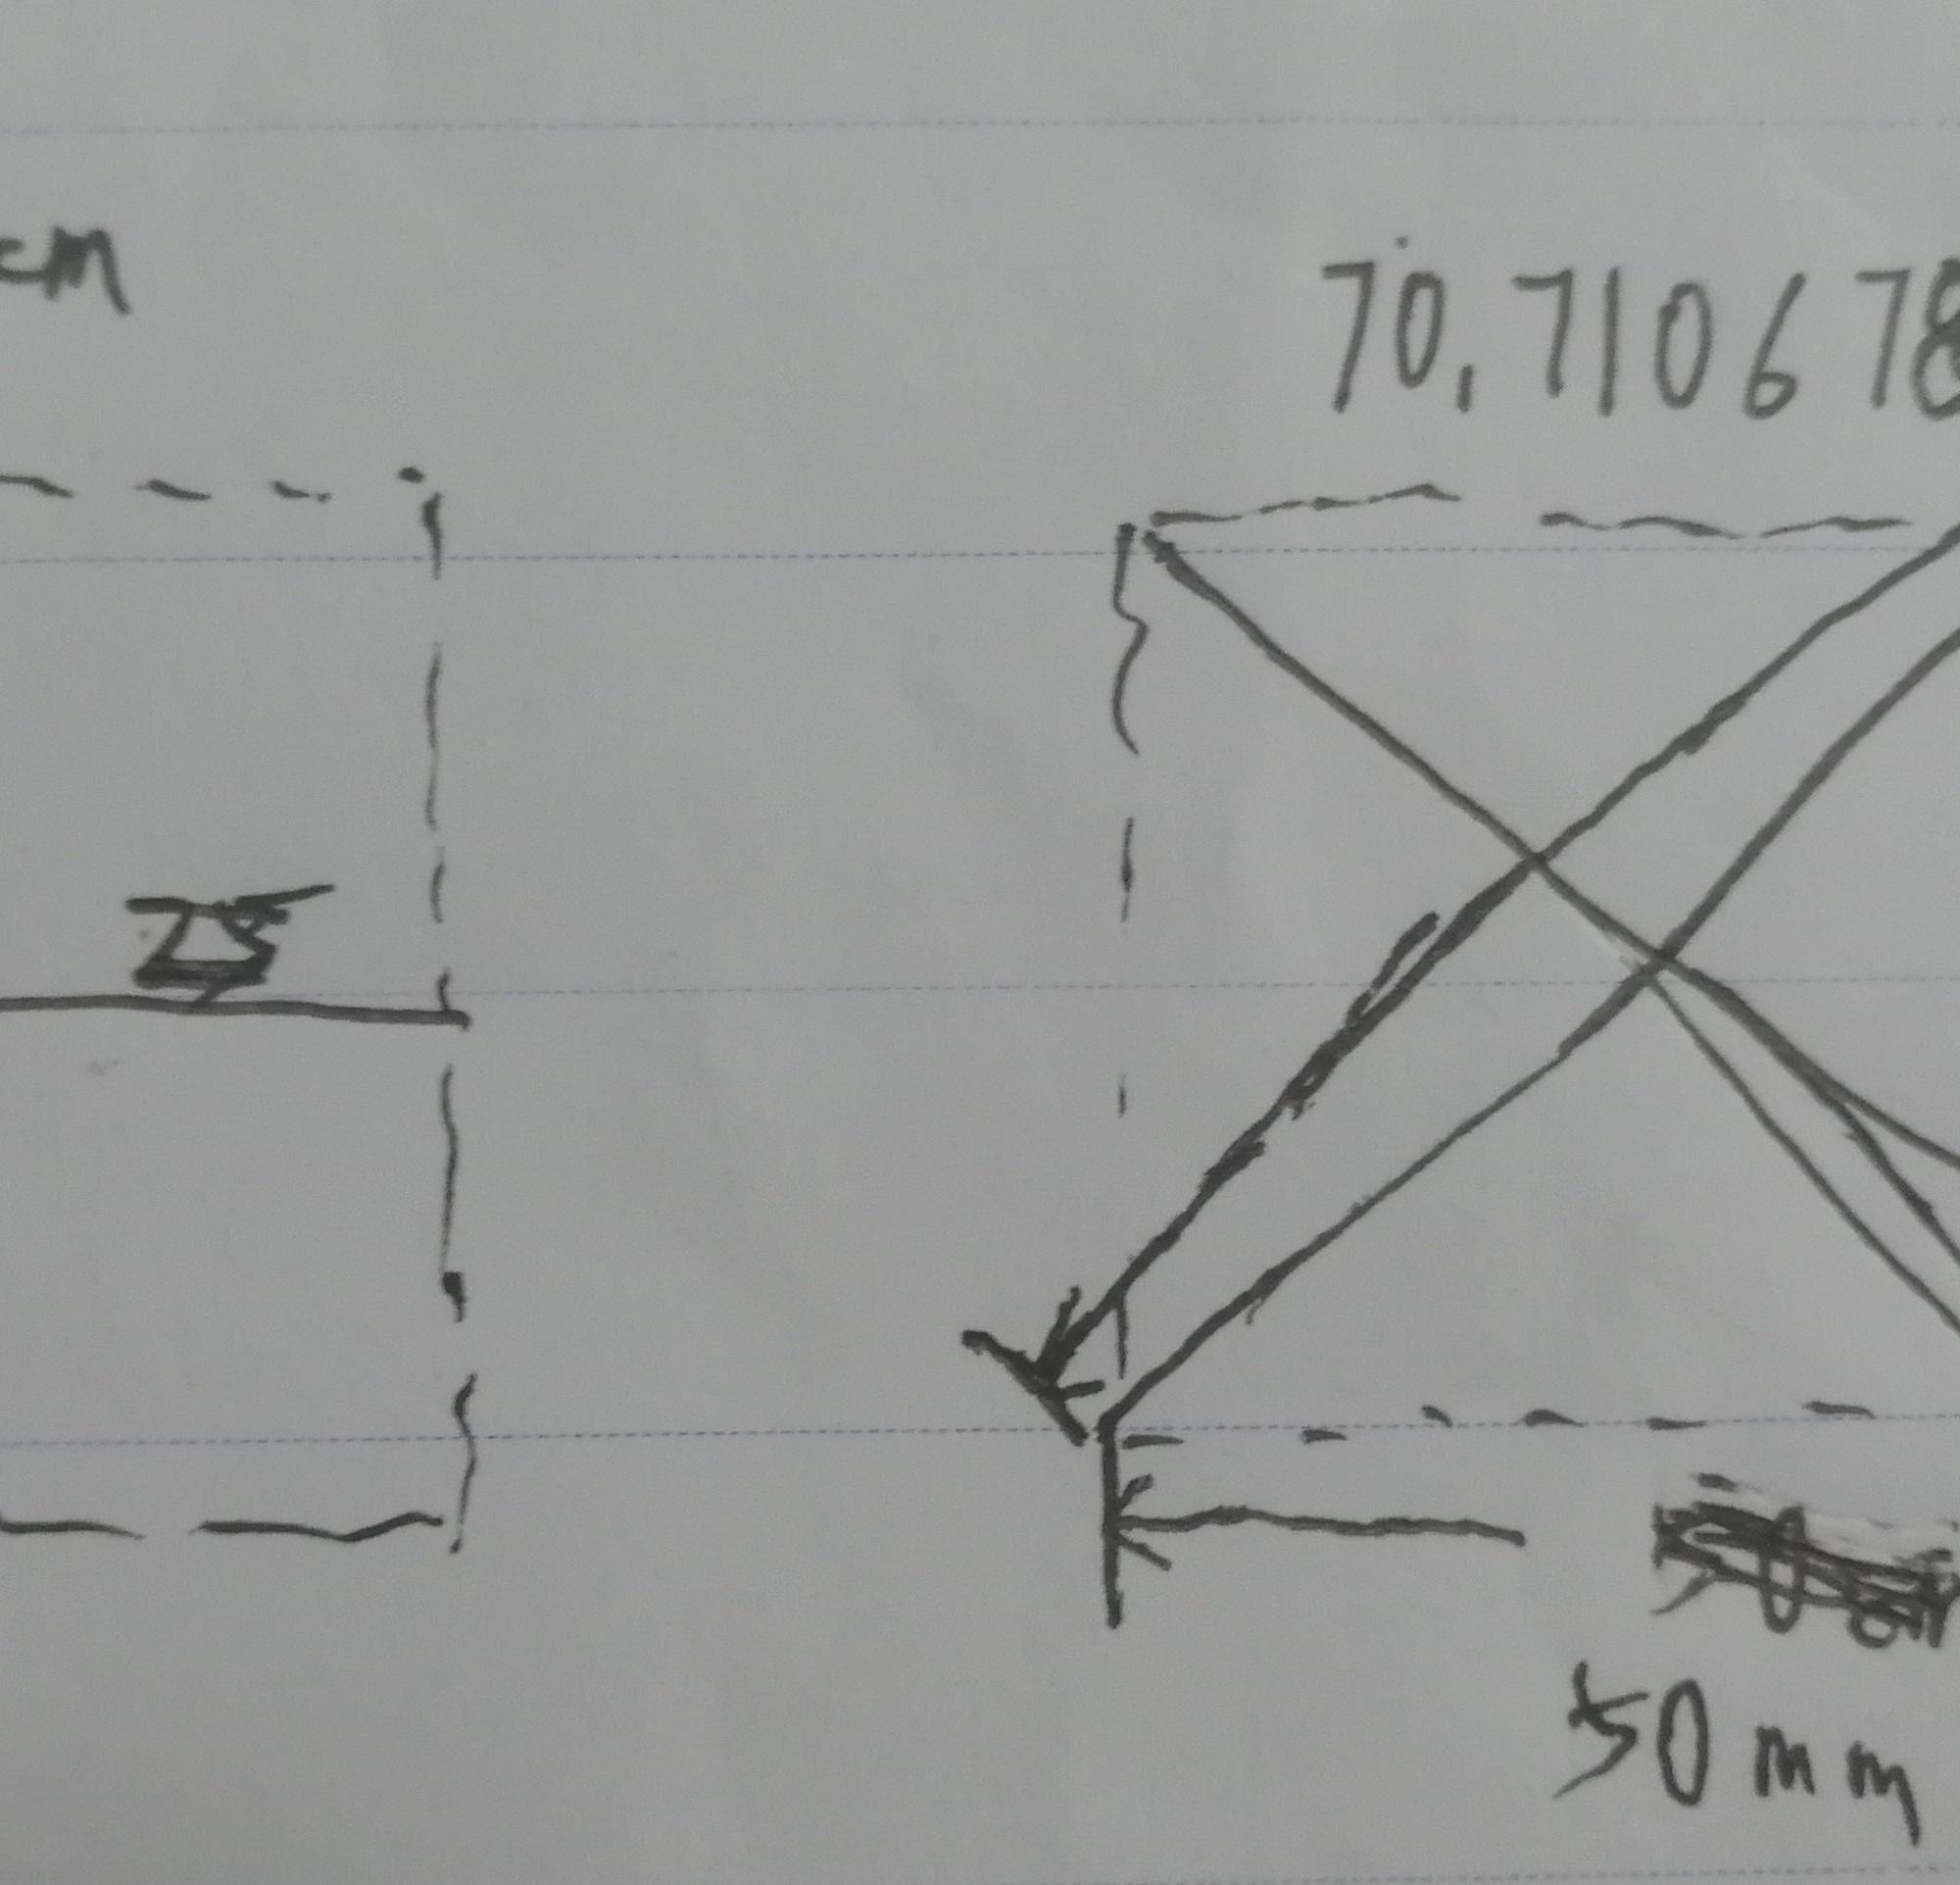 云顶娱乐平台下载大赛四旋翼无人机尺寸